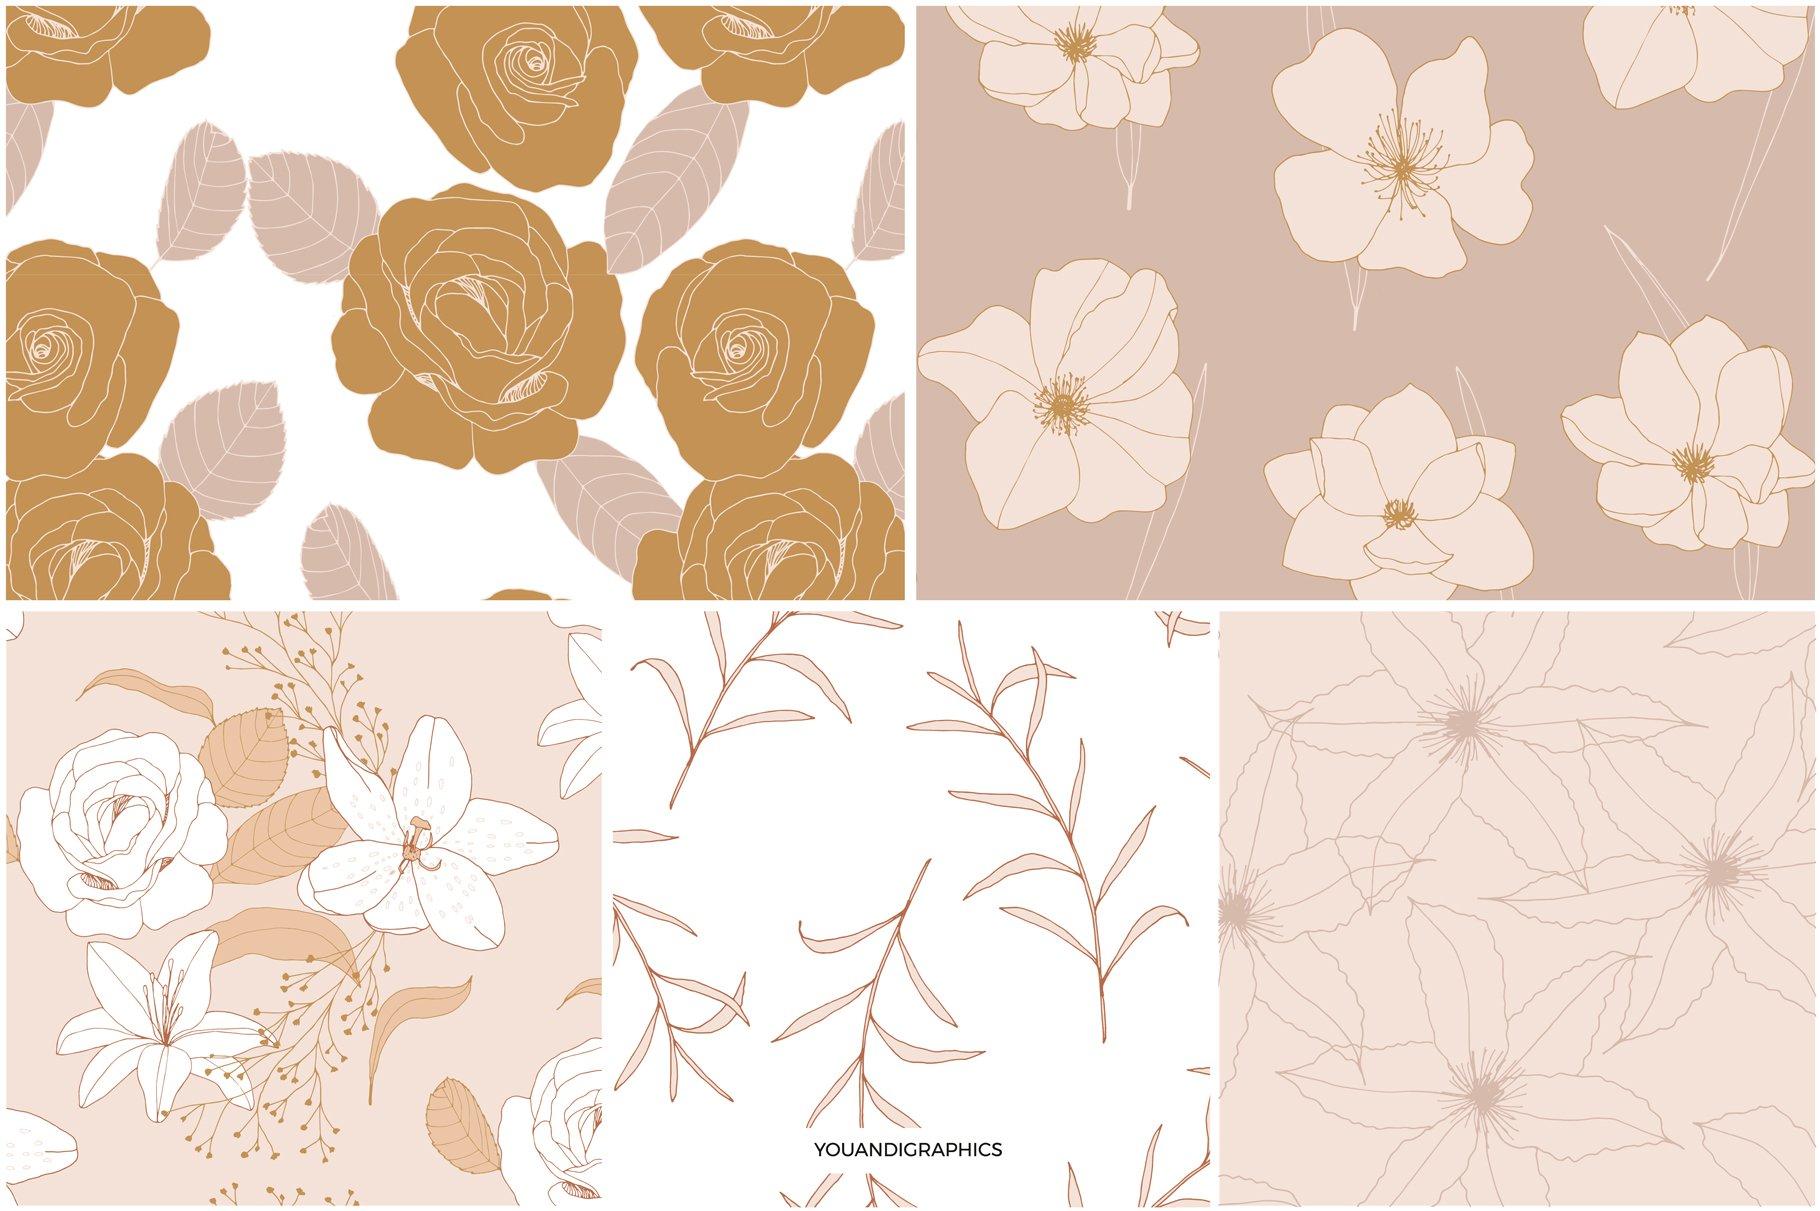 手绘盛开花卉花朵矢量无缝隙图案素材 Blooming Garden Floral Patterns插图(11)